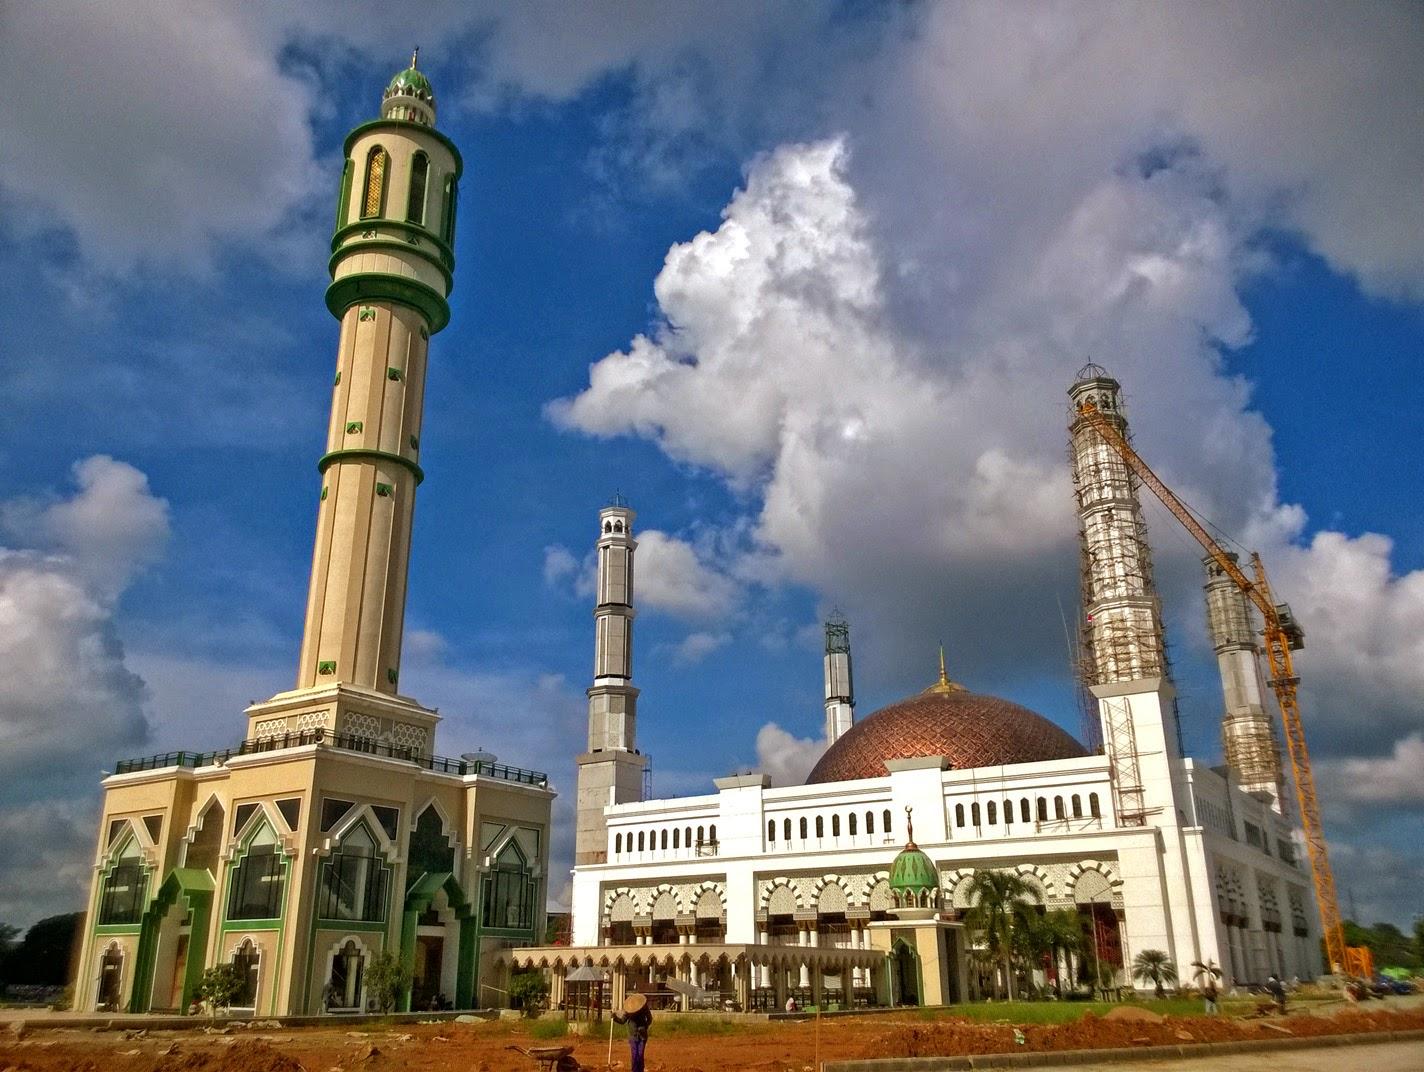 Bakanekobaka Hut Kalimantan Barat 58 Masjid Raya Mujahidin Foto 21